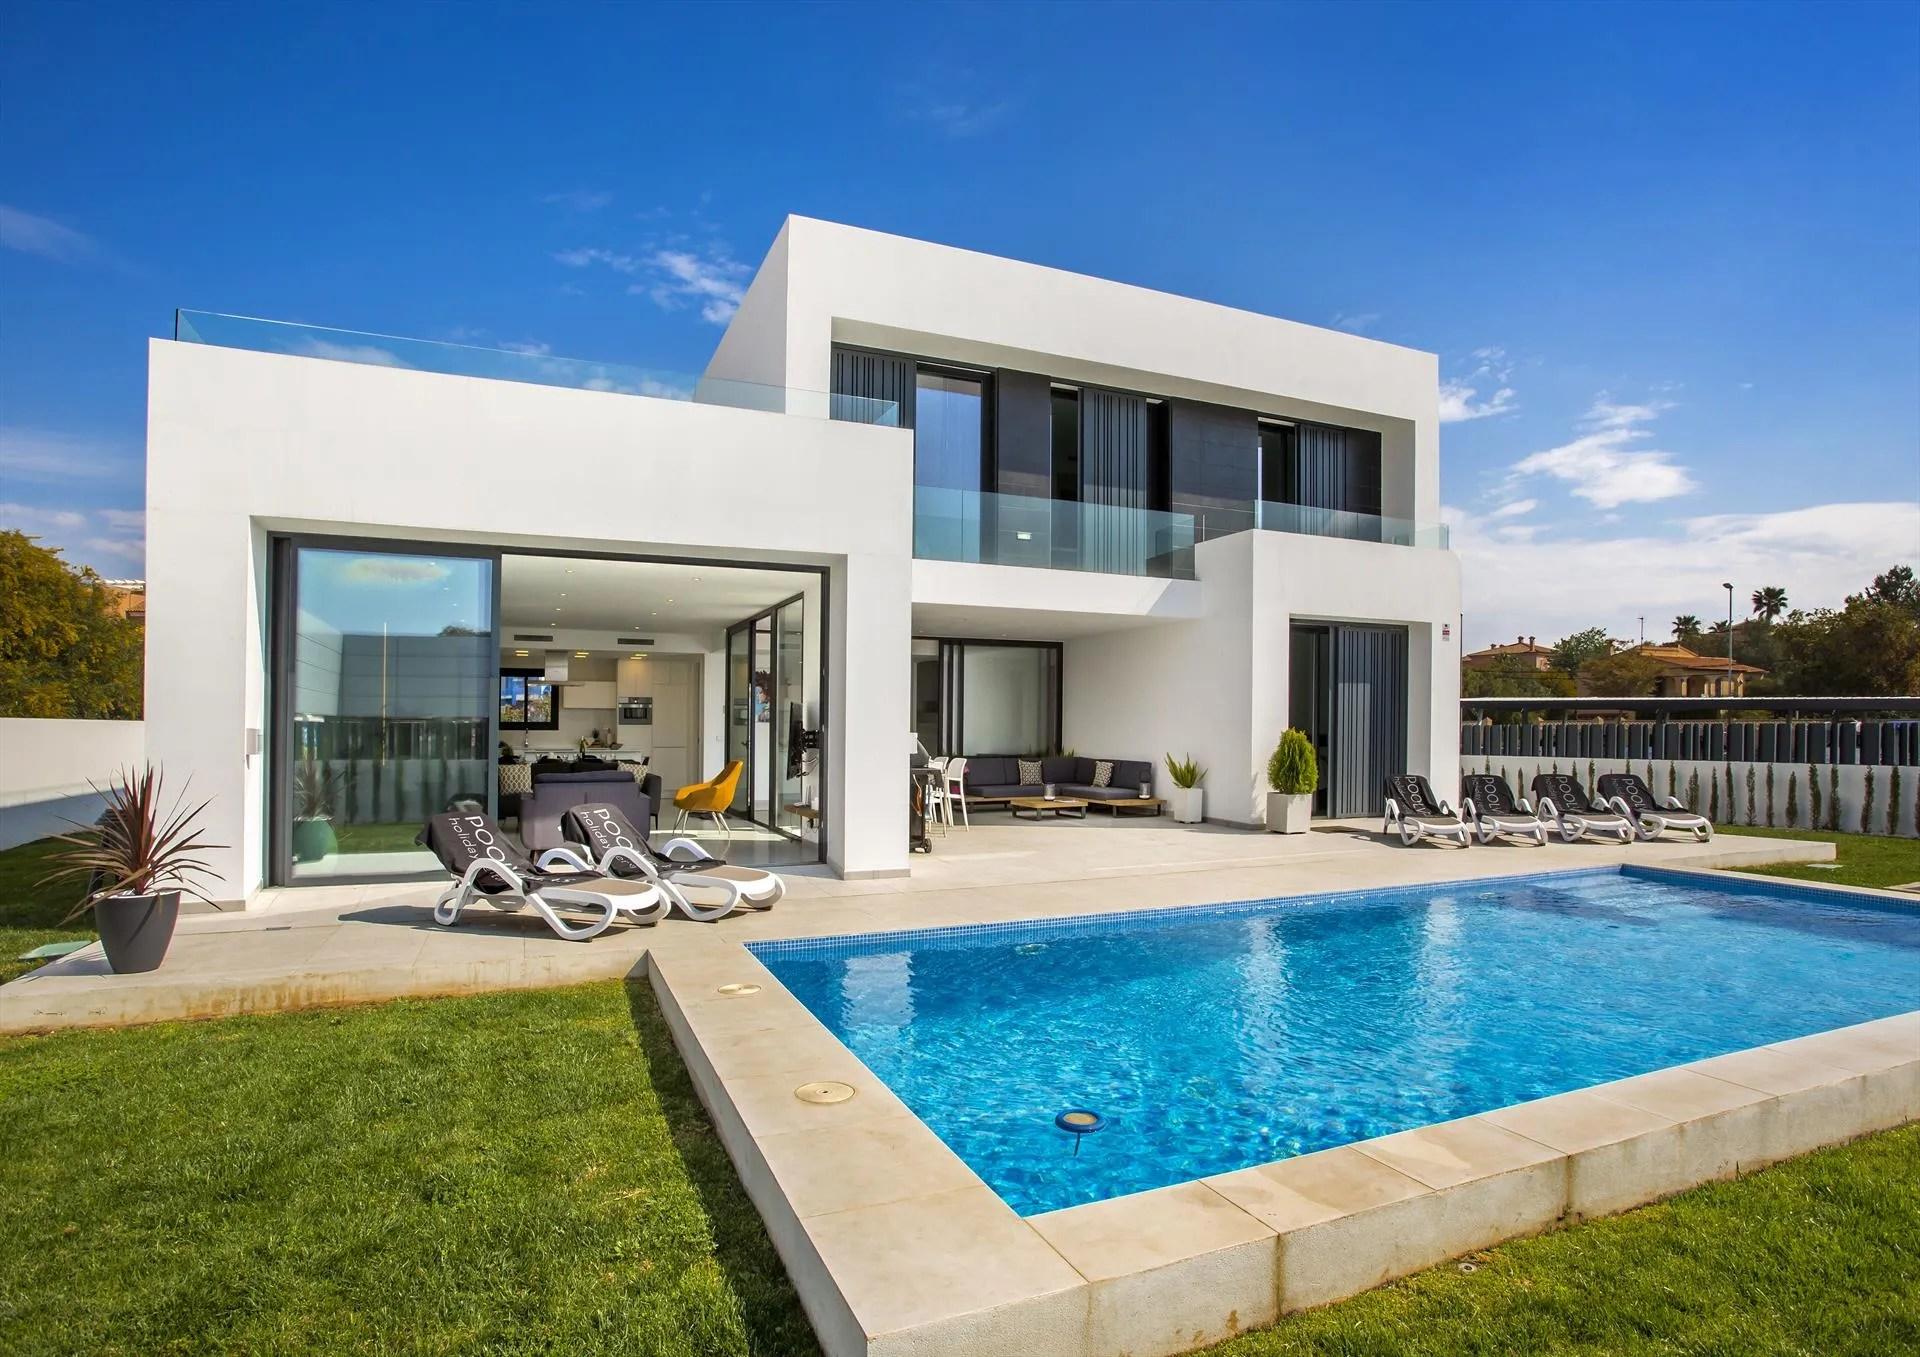 Contacto directo con el propietario. Clem 4 - Villa en Calpe, Costa Blanca, España